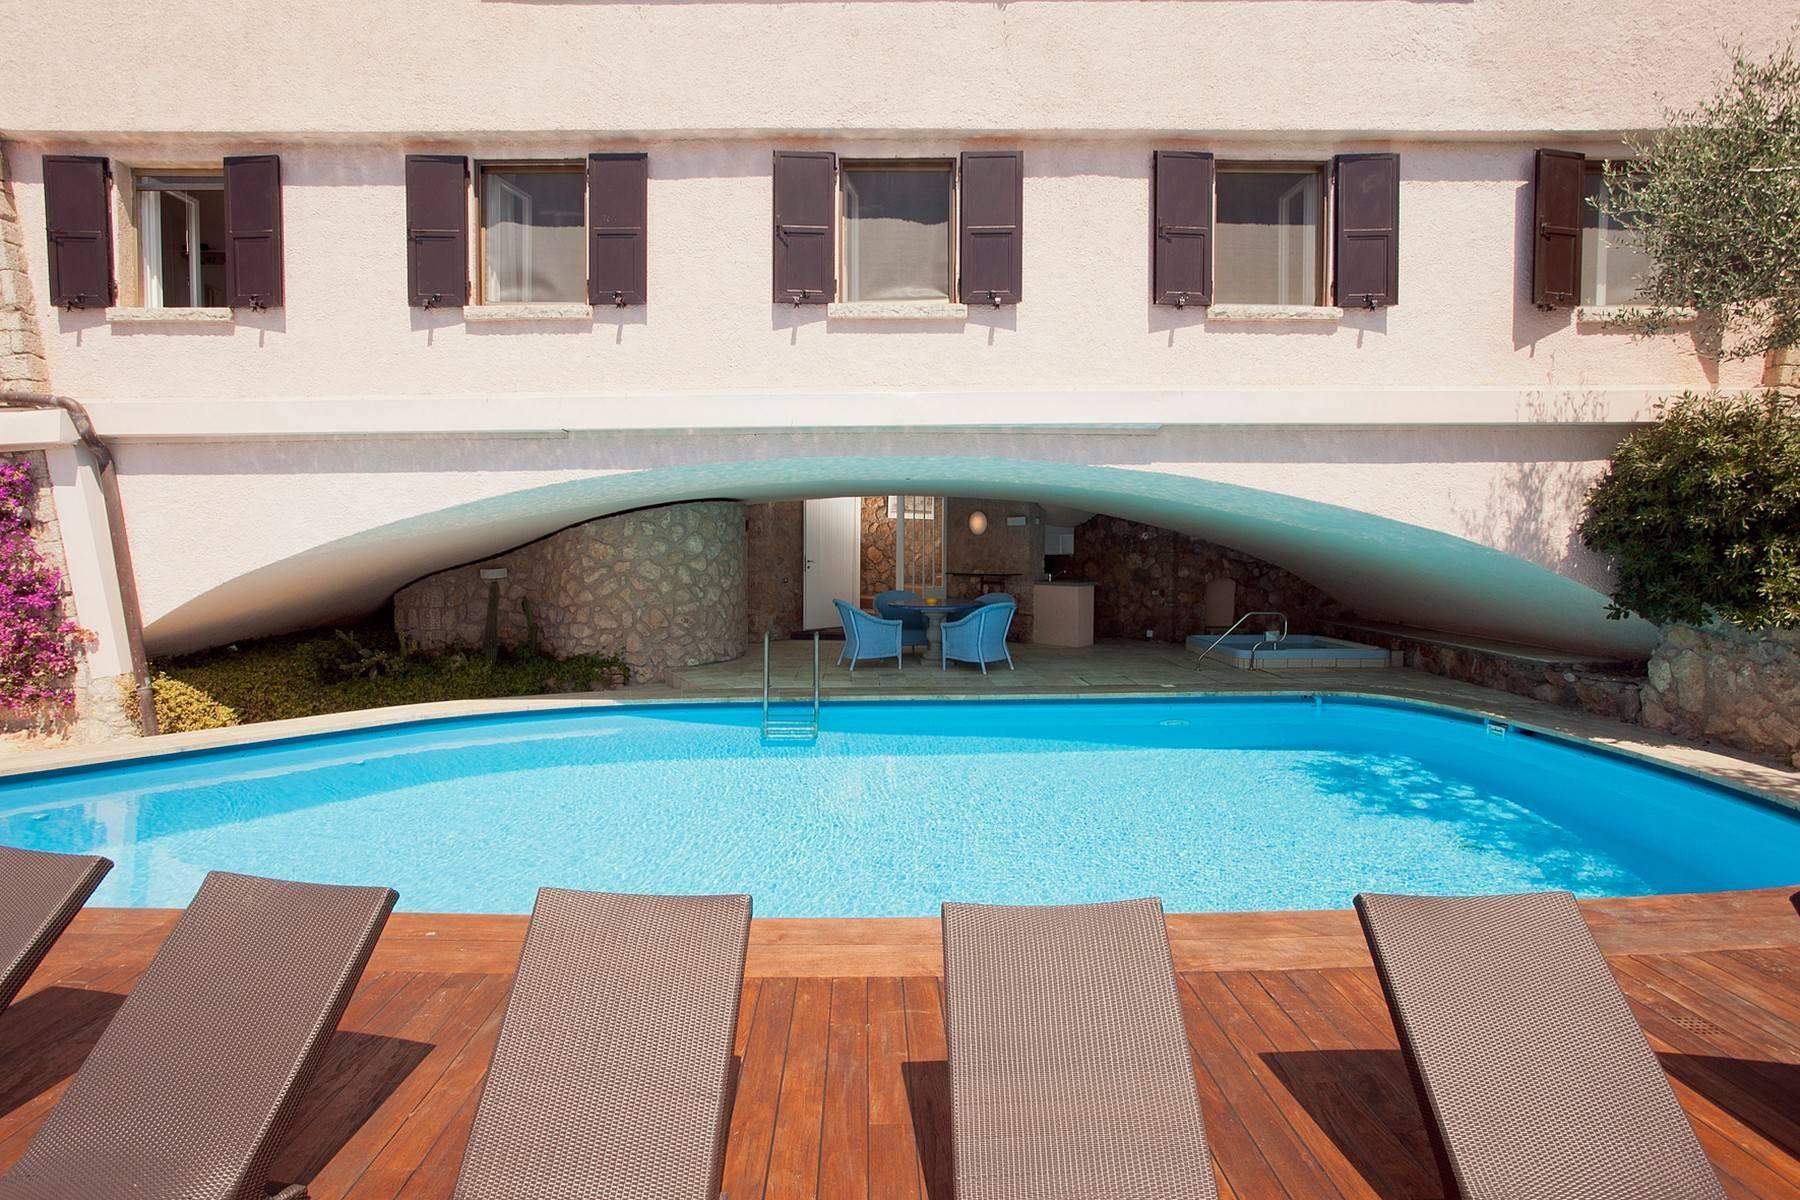 Merveilleuse villa pieds-dans-l'eau sur le Monte Argentario - 6